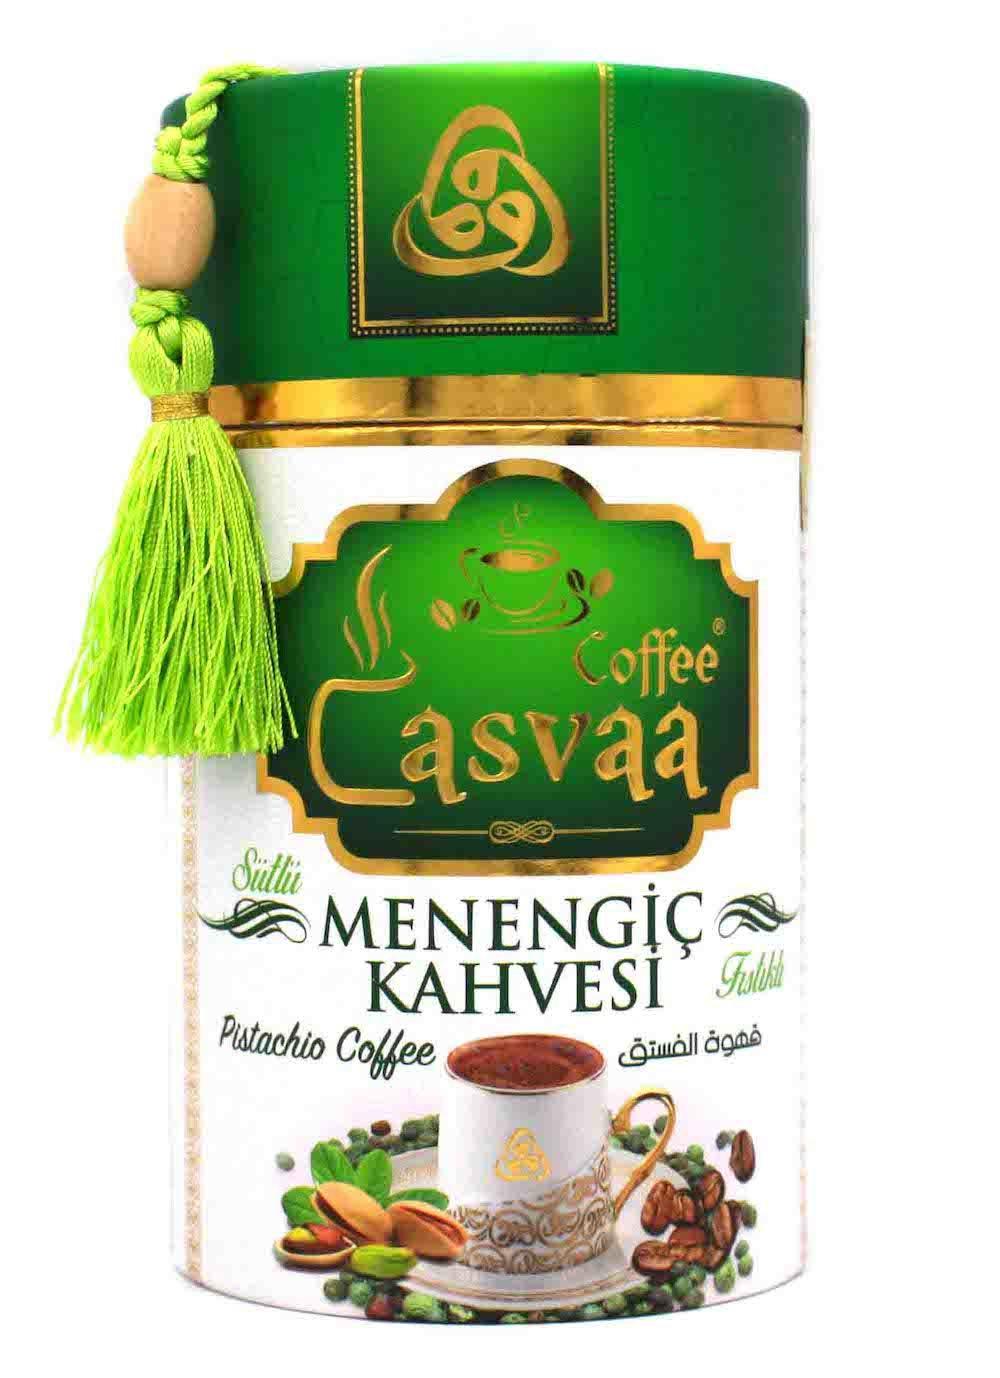 Кофейный напиток Турецкий кофе молотый с добавлением фисташек и молока, Casvaa, 250 г import_files_b4_b4e4e9e43ea211eba9db484d7ecee297_92bf0be93fb311eba9db484d7ecee297.jpg